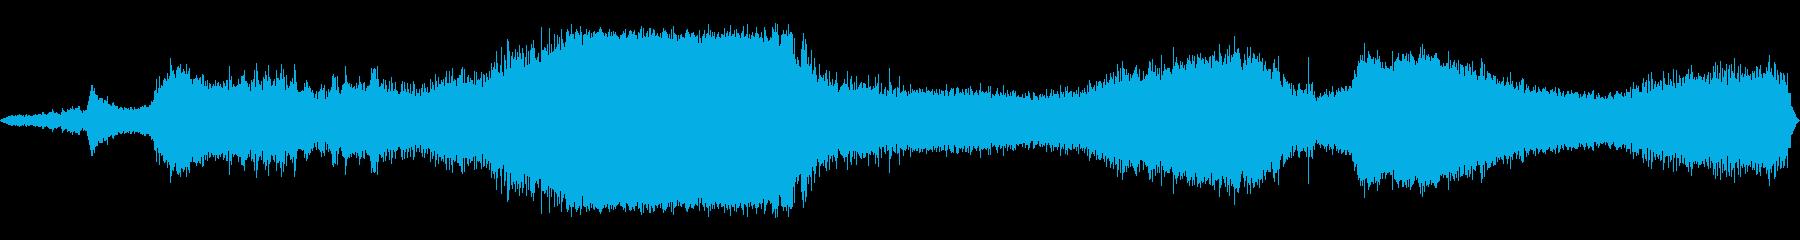 ベルジェットレンジャー:EXT:ア...の再生済みの波形